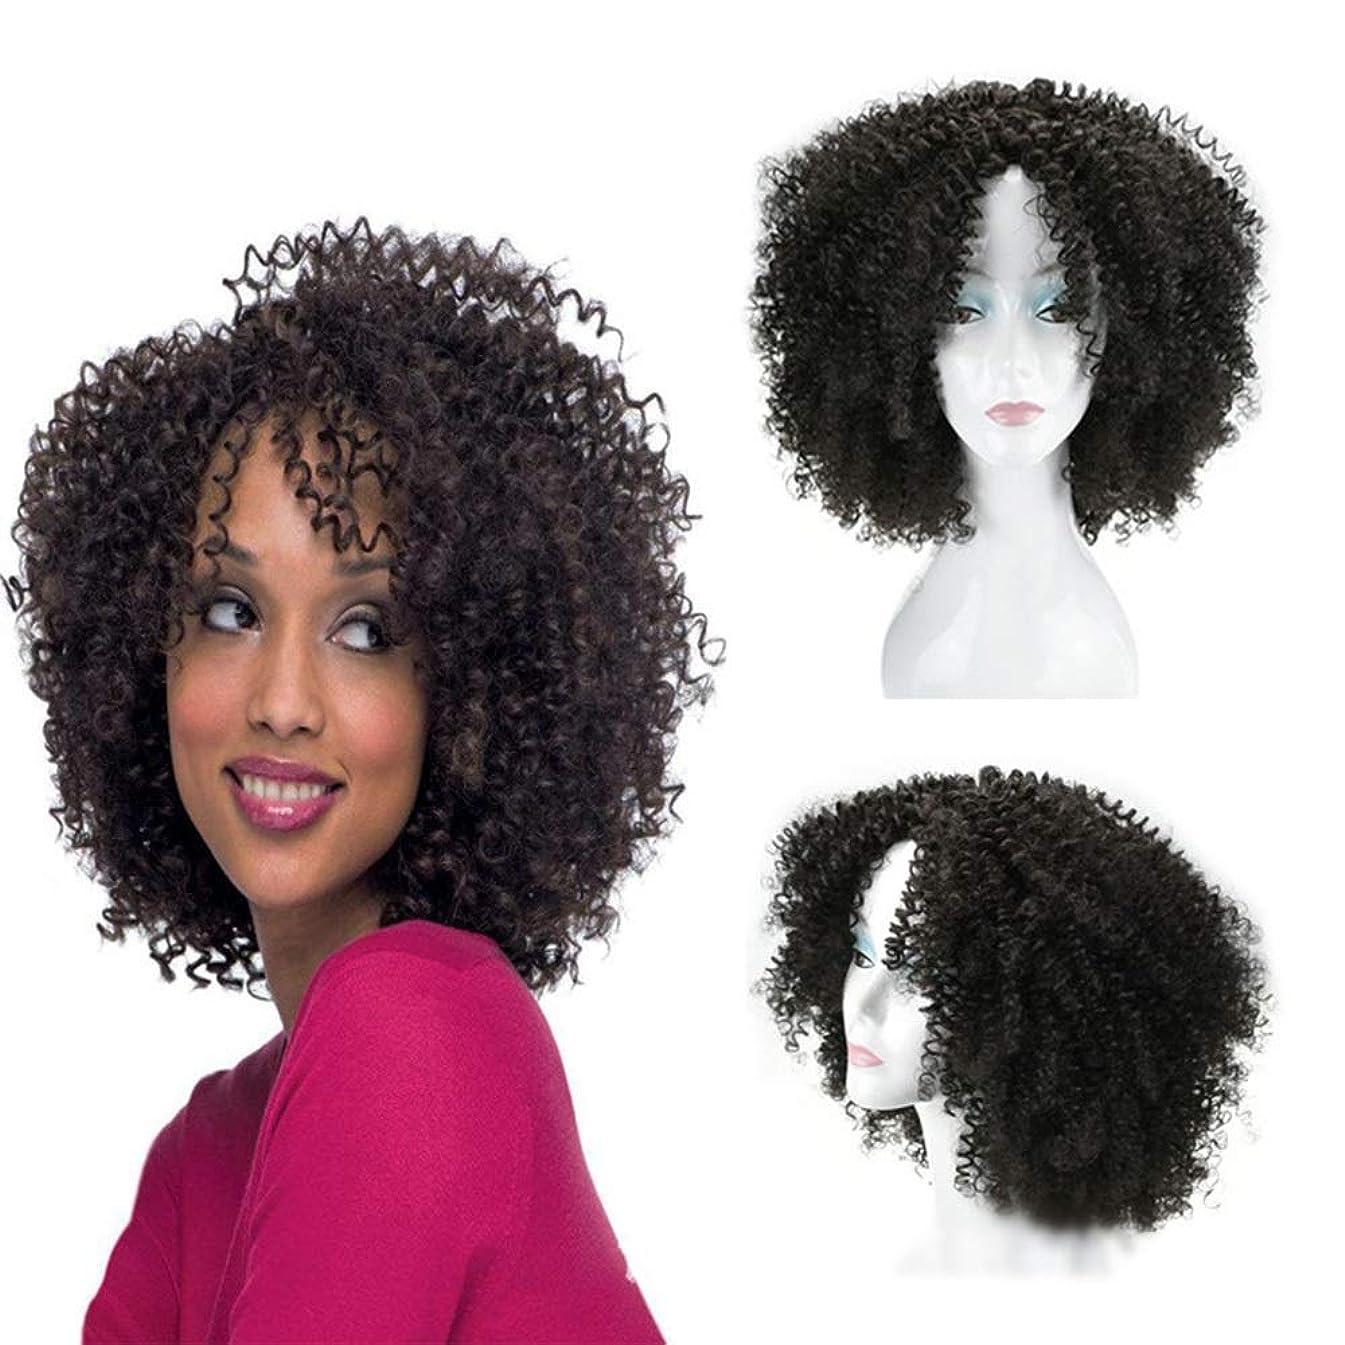 遺産再生的シロナガスクジラIsikawan 黒の爆発ヘッド女性のアフリカの小さな巻き毛毎日のコスプレパーティードレス16インチ変態カーリー (色 : ブラック)